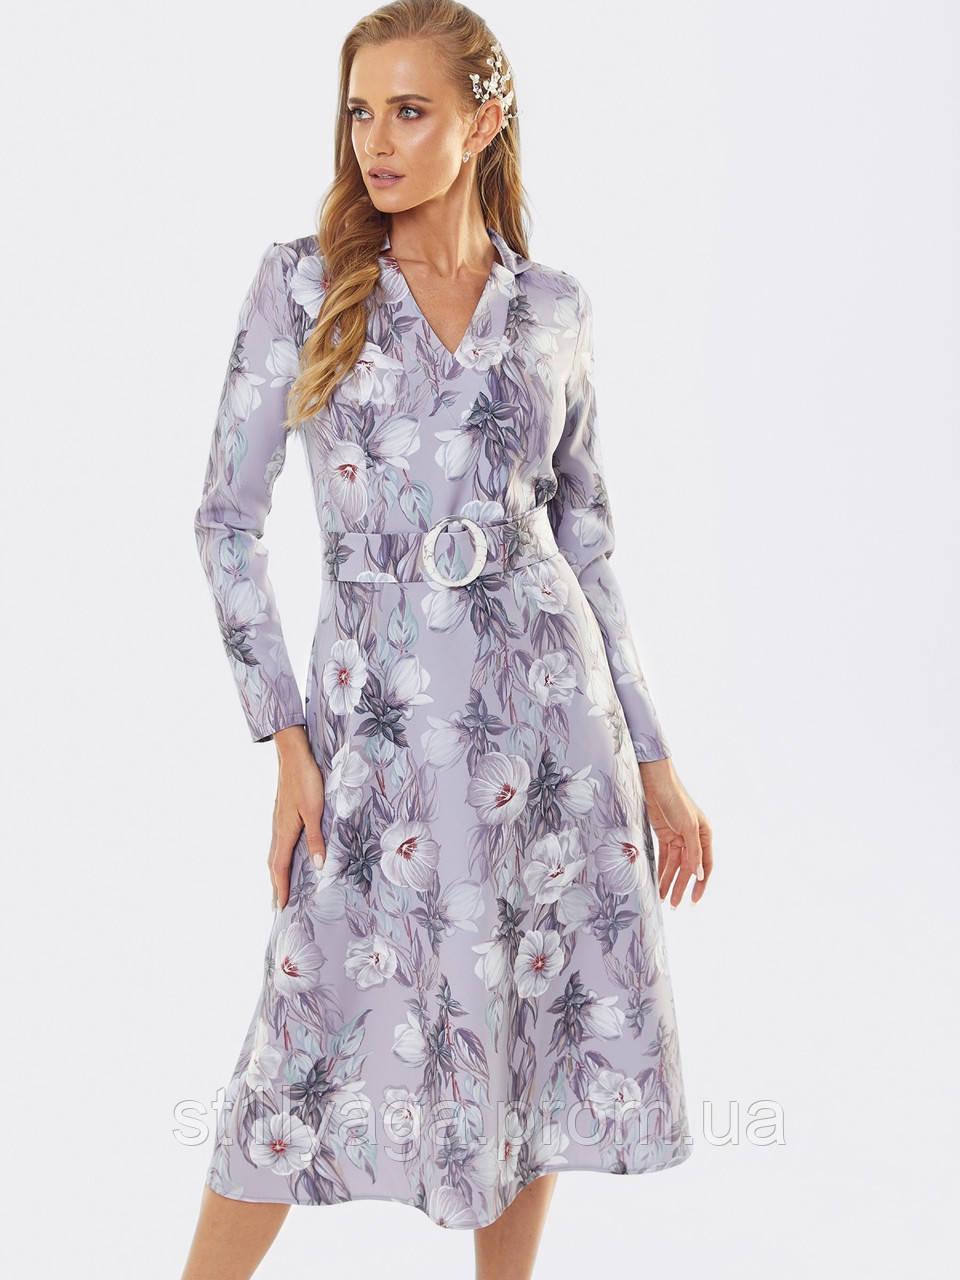 Розкльошені сукні довжиною міді в дрібний квітковий принт